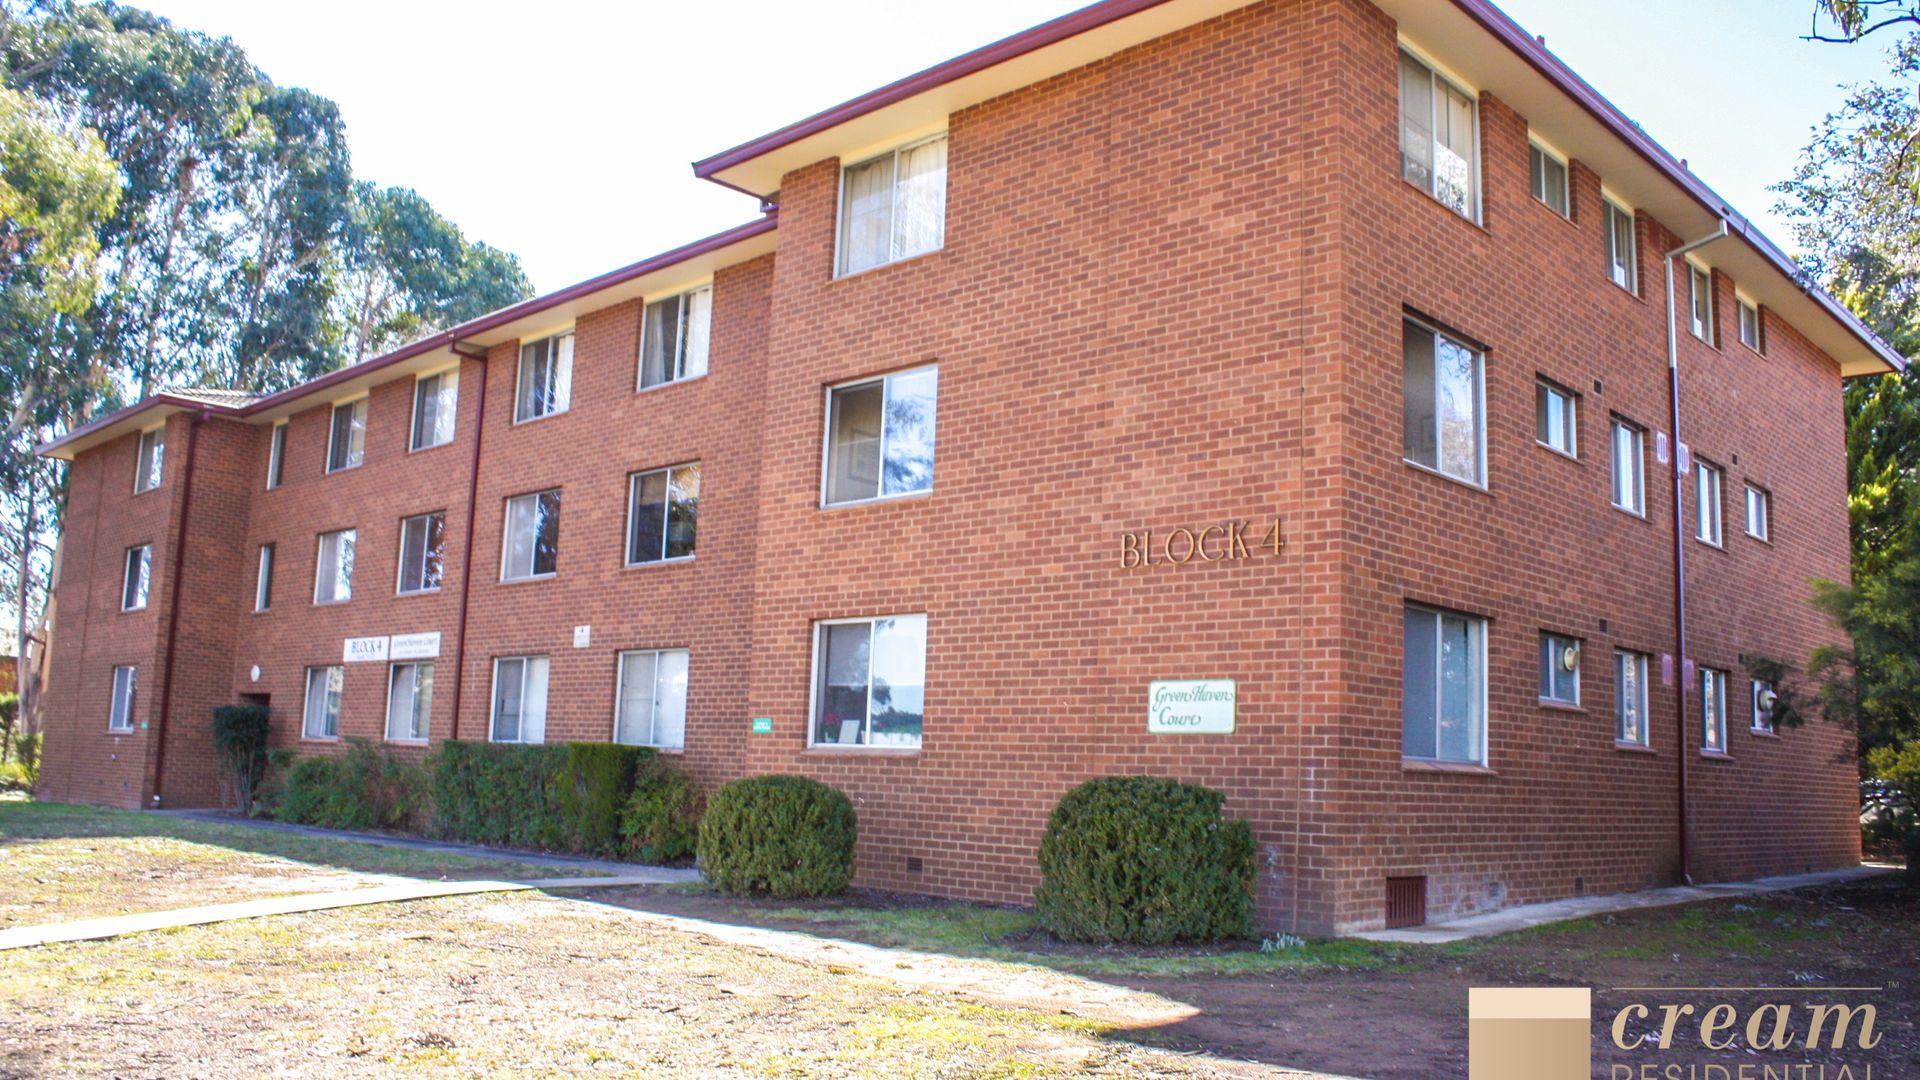 72/27 Coxen Street, Hughes ACT 2605, Image 2